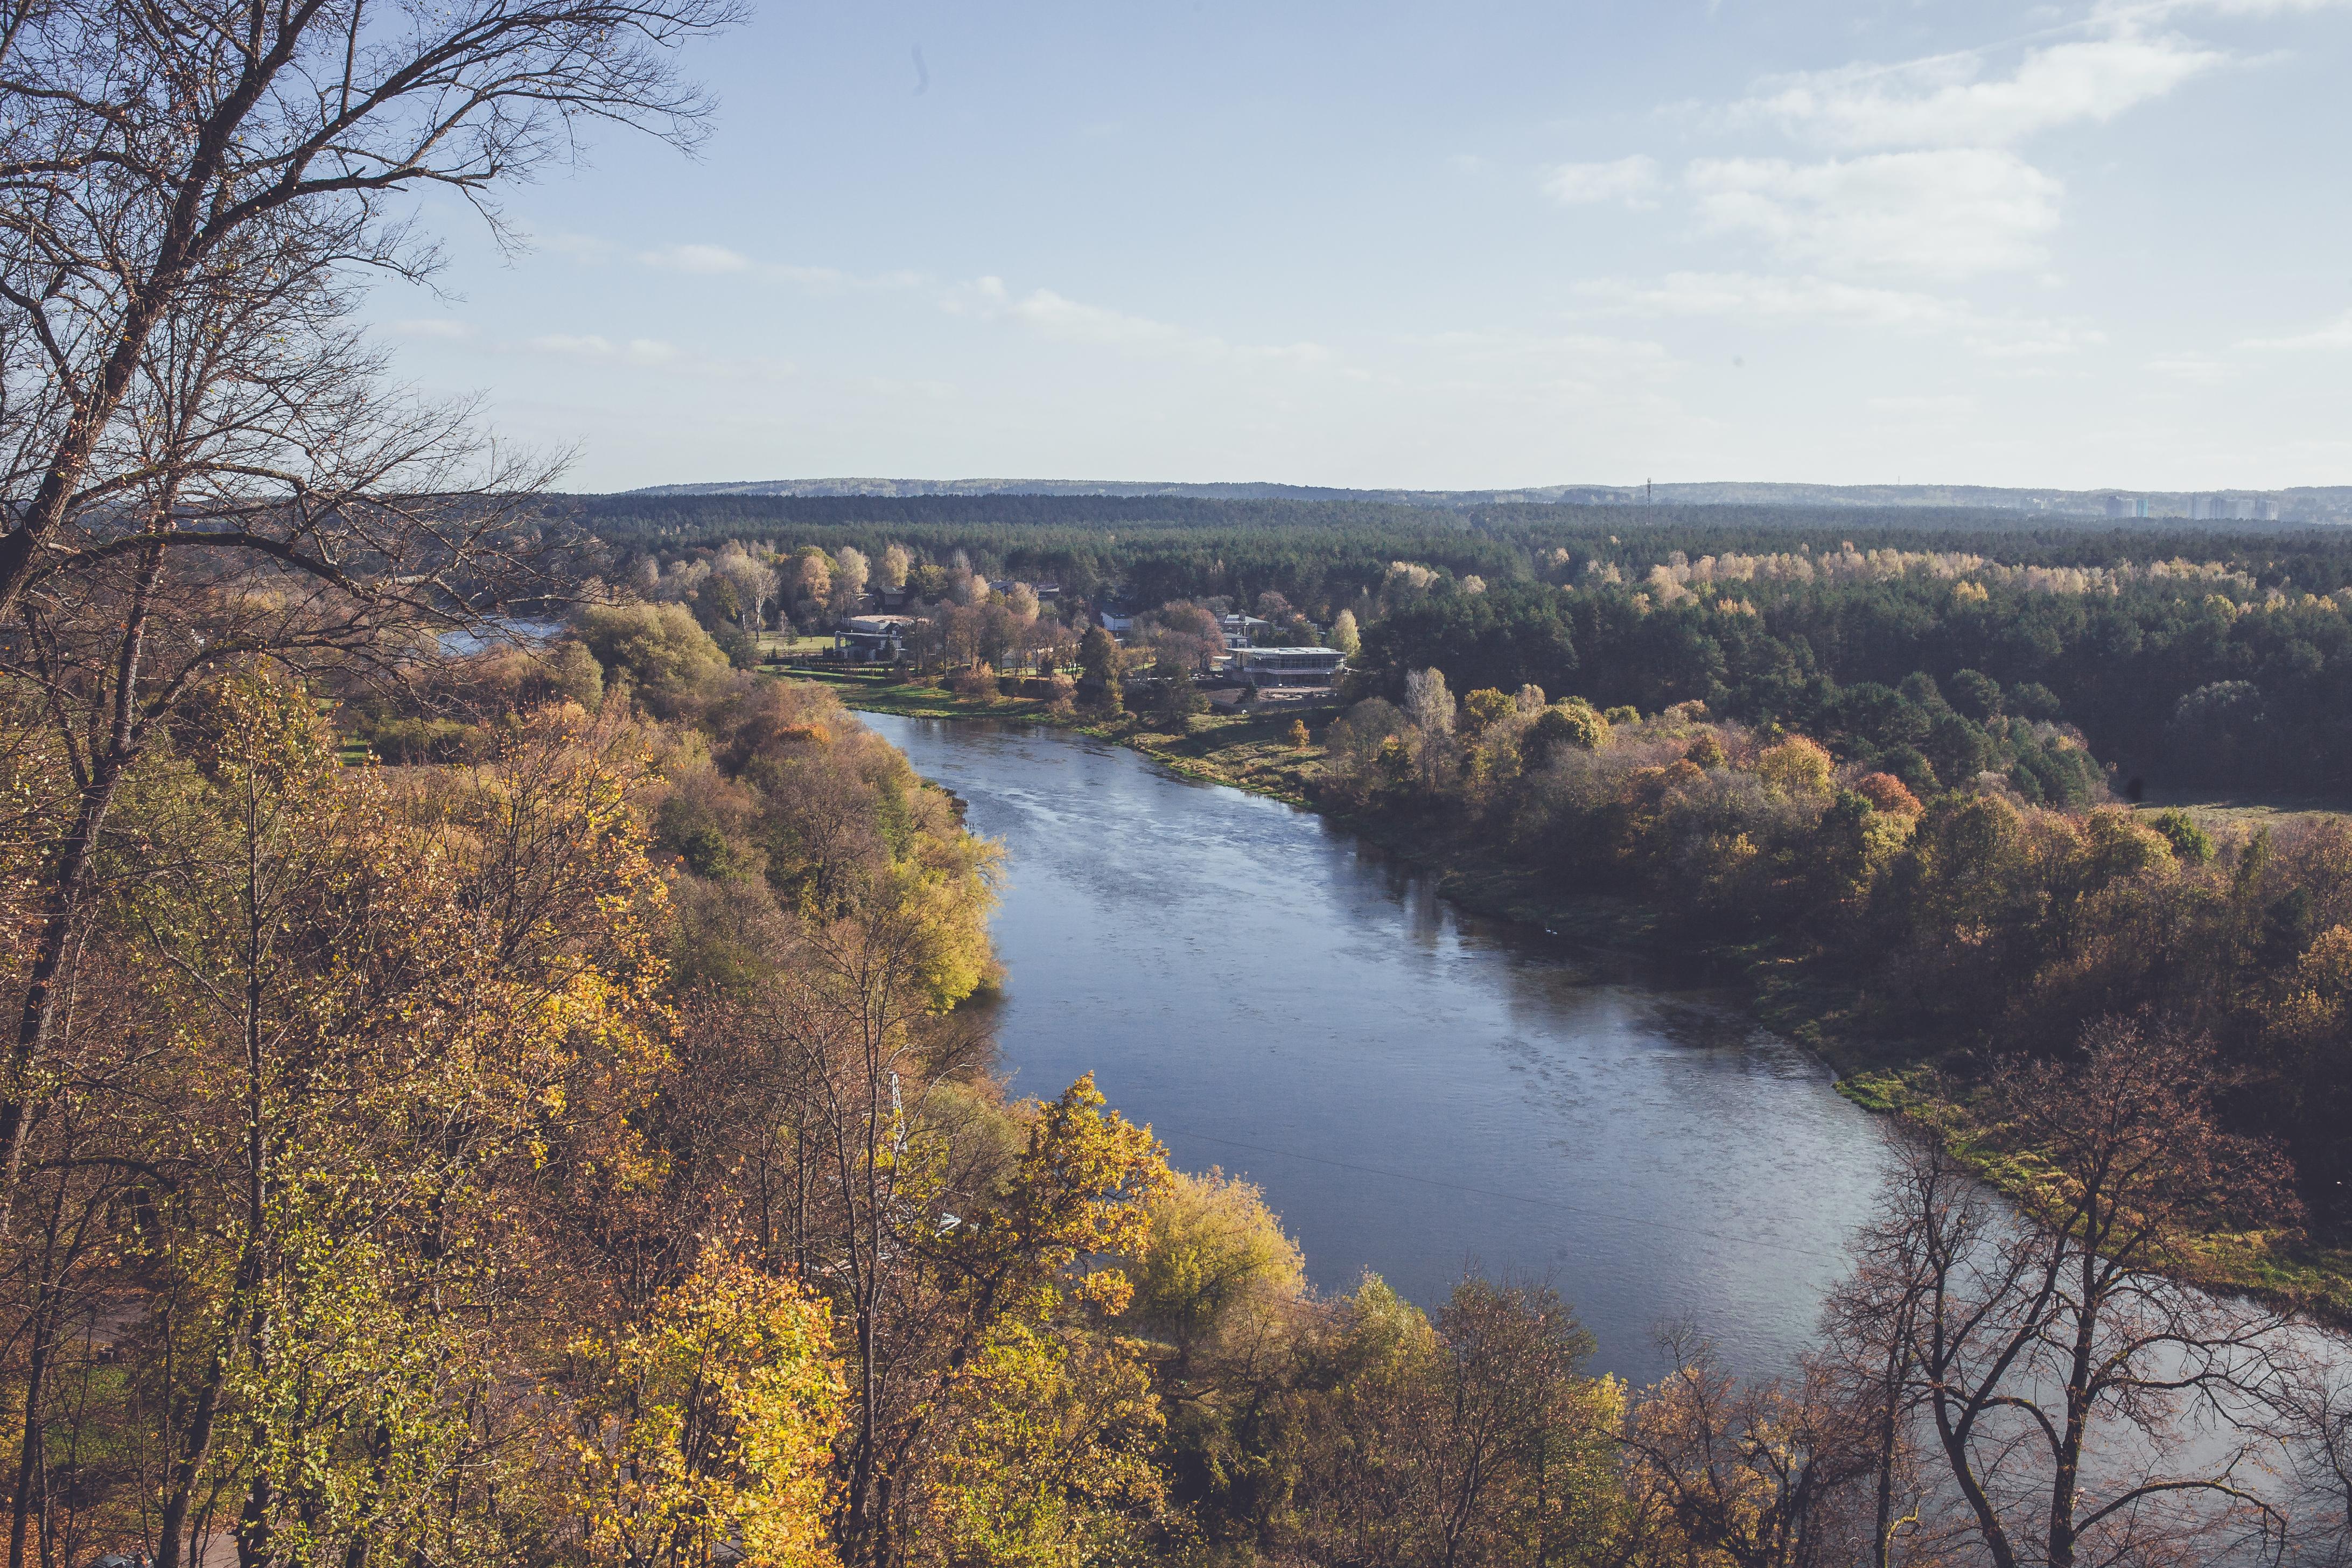 upių prekybos sistema kaip praskiesti akcijų pasirinkimo sandoriai